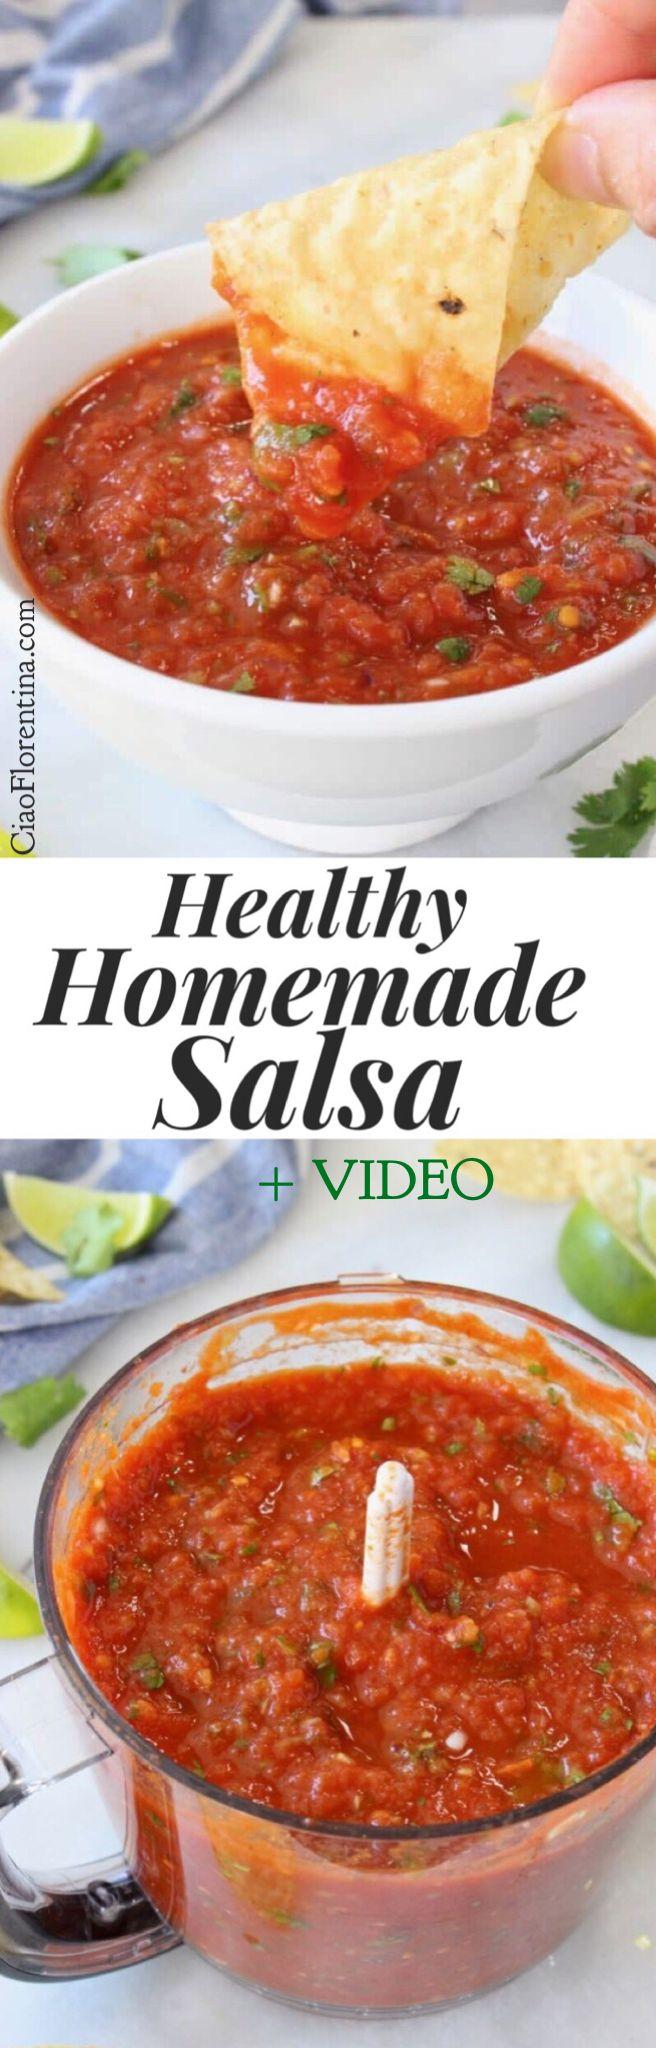 Healthy Homemade Salsa Recipe Video with Cilantro, Garlic and Lime   CiaoFlorentina.com @CiaoFlorentina